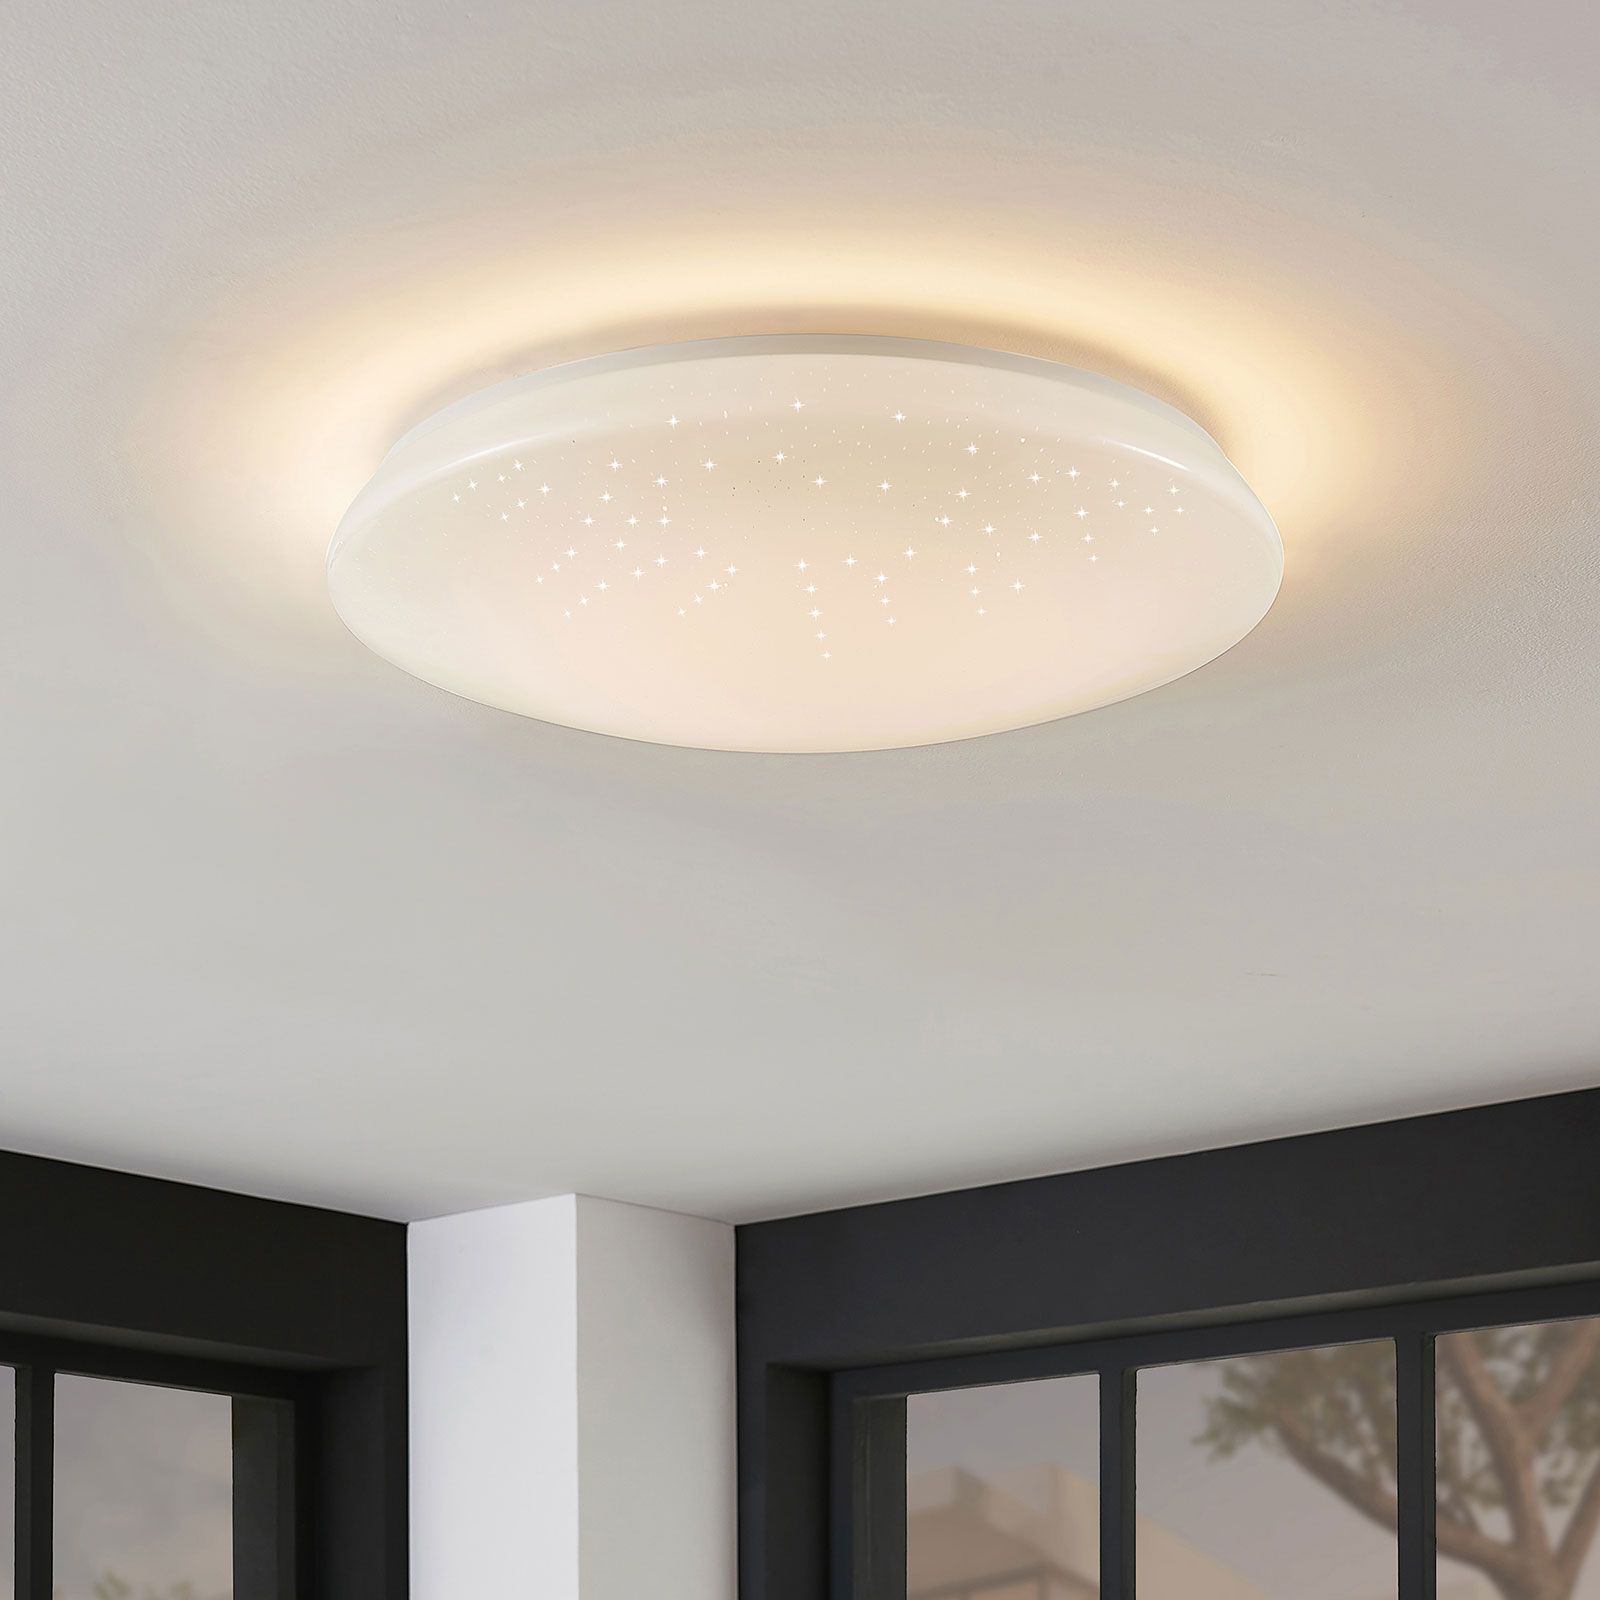 LED-Deckenlampe Jelka, WiZ, RGBW-Farbwechsel, rund